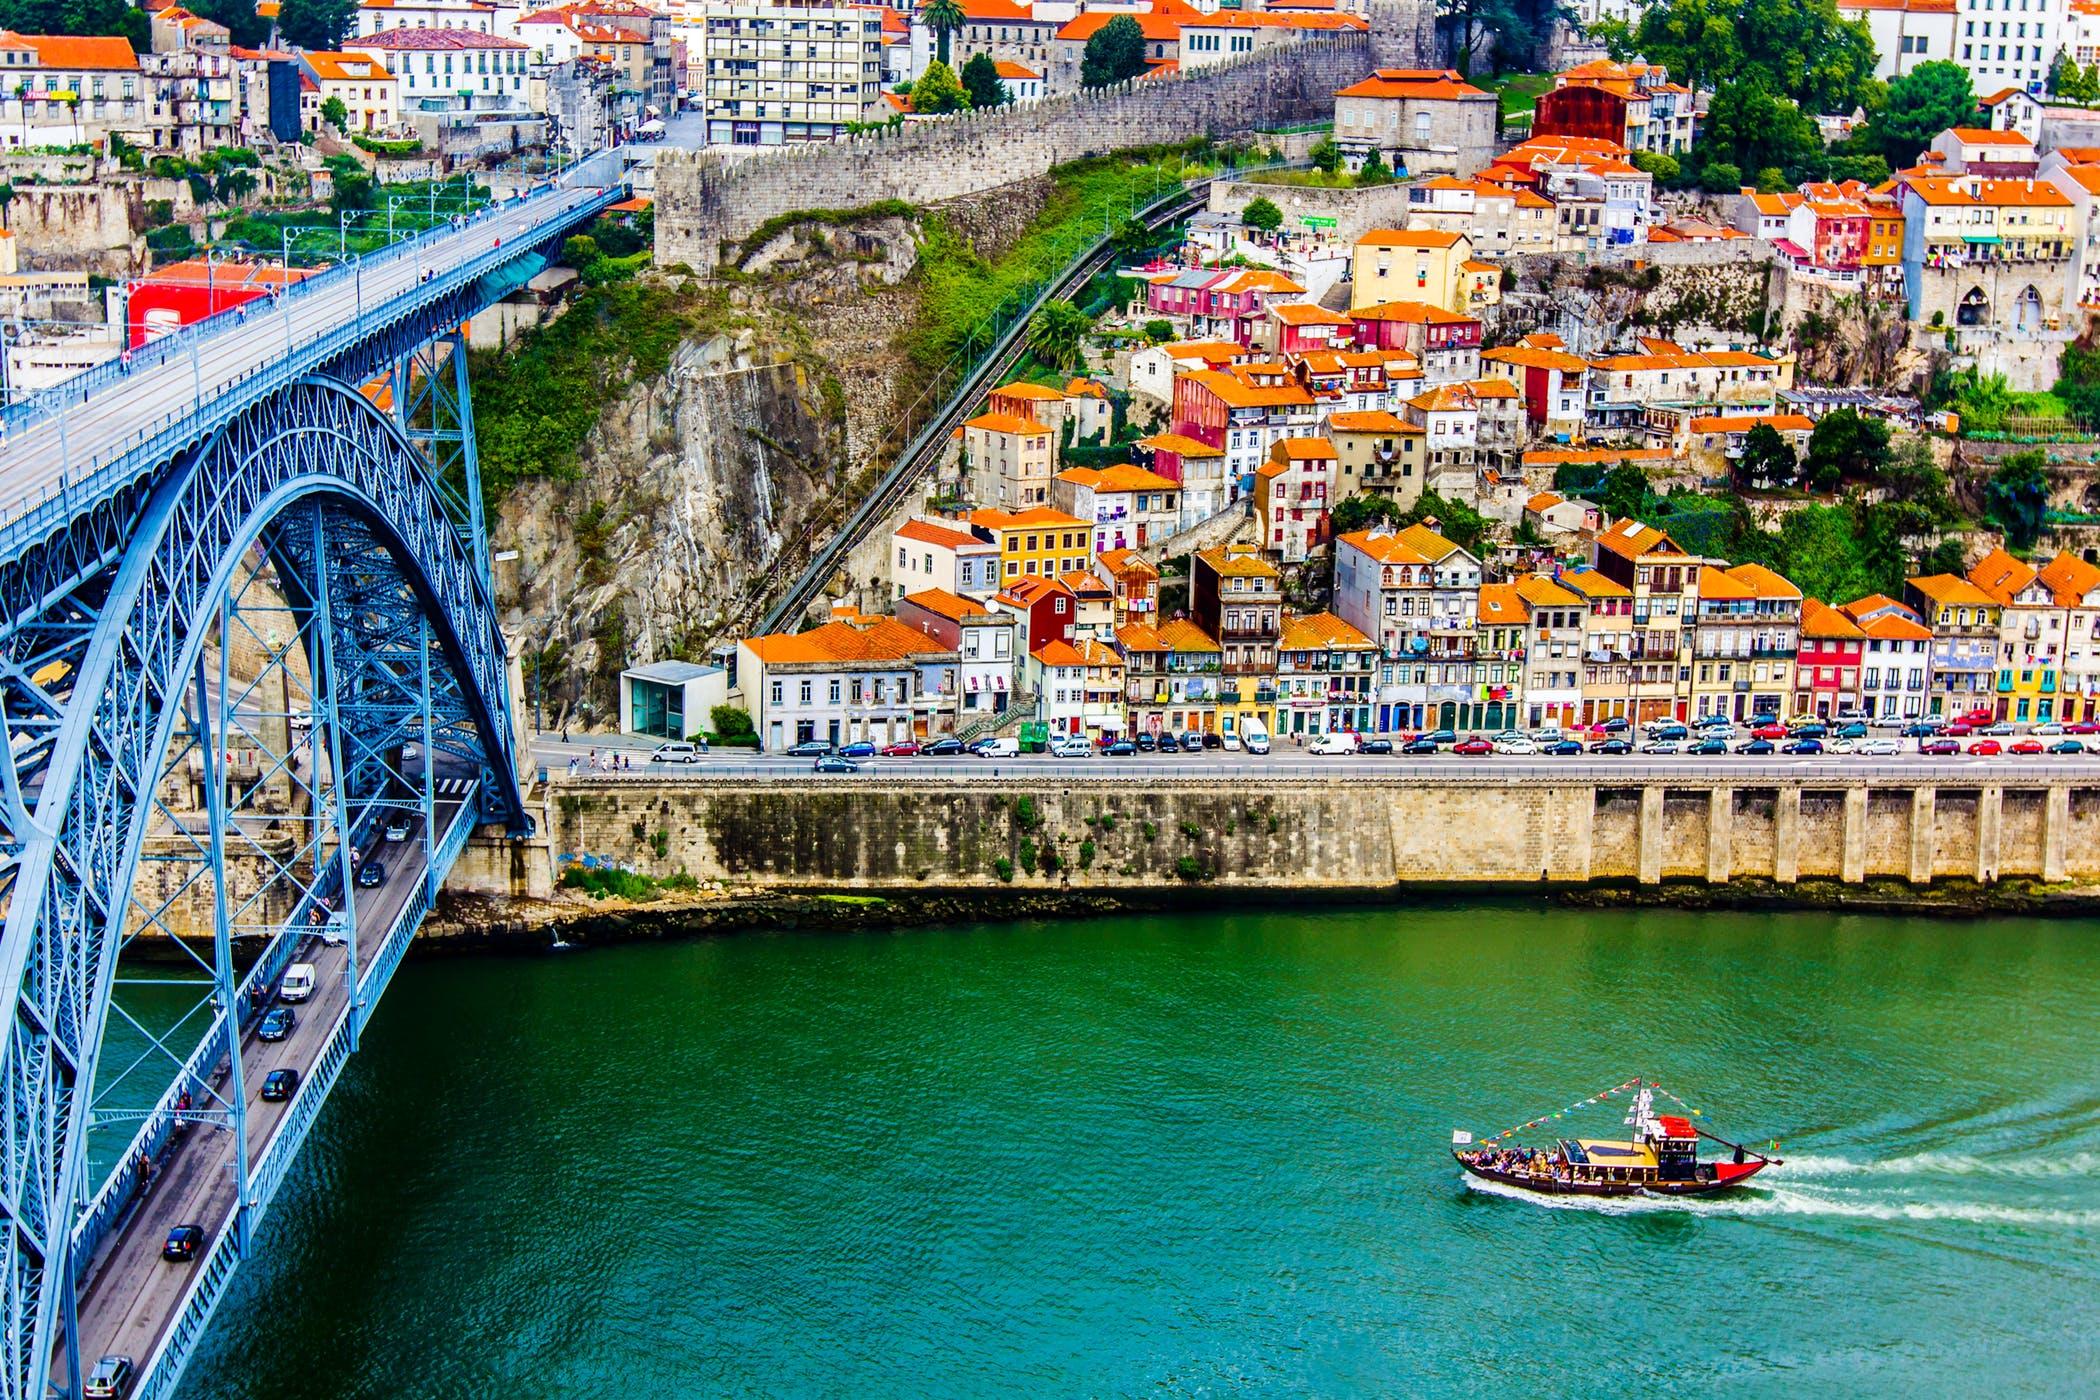 Обзорная экскурсия по городу Порту